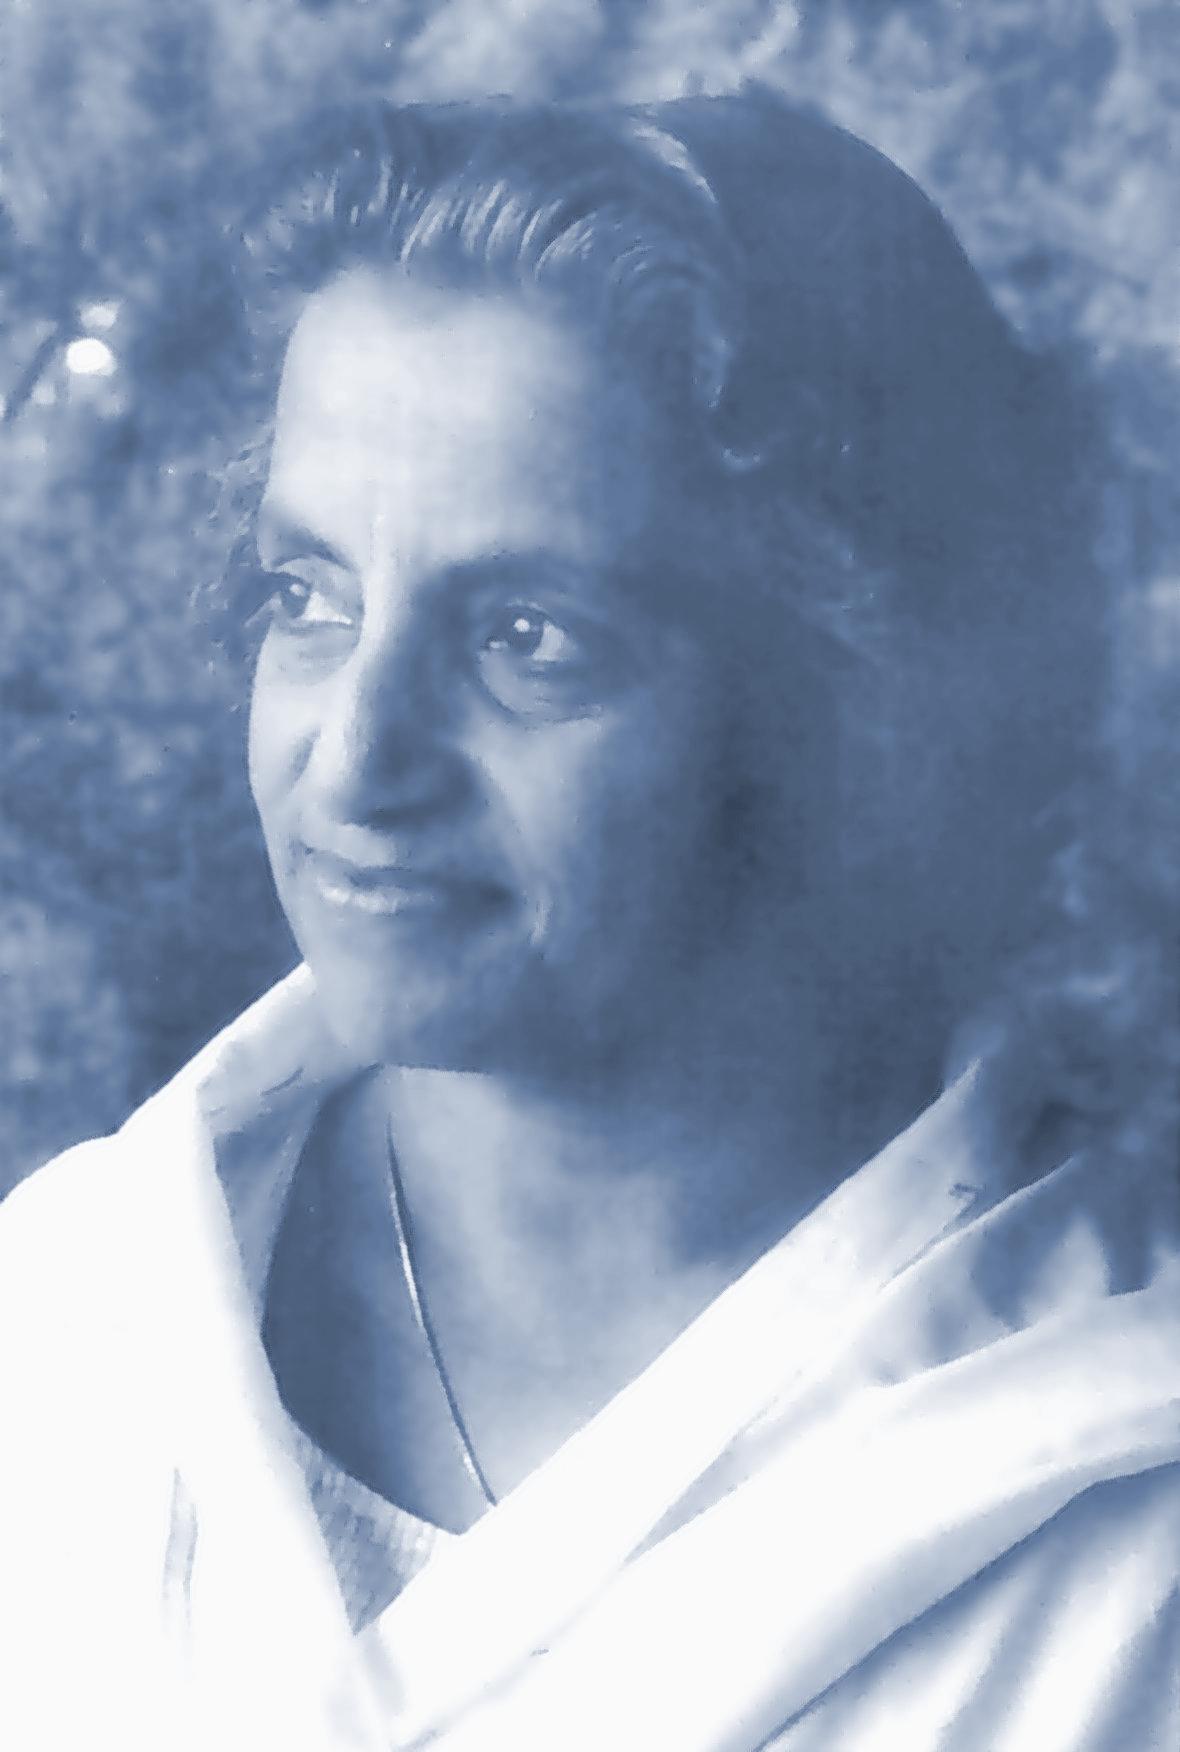 Vimala Thakar 1